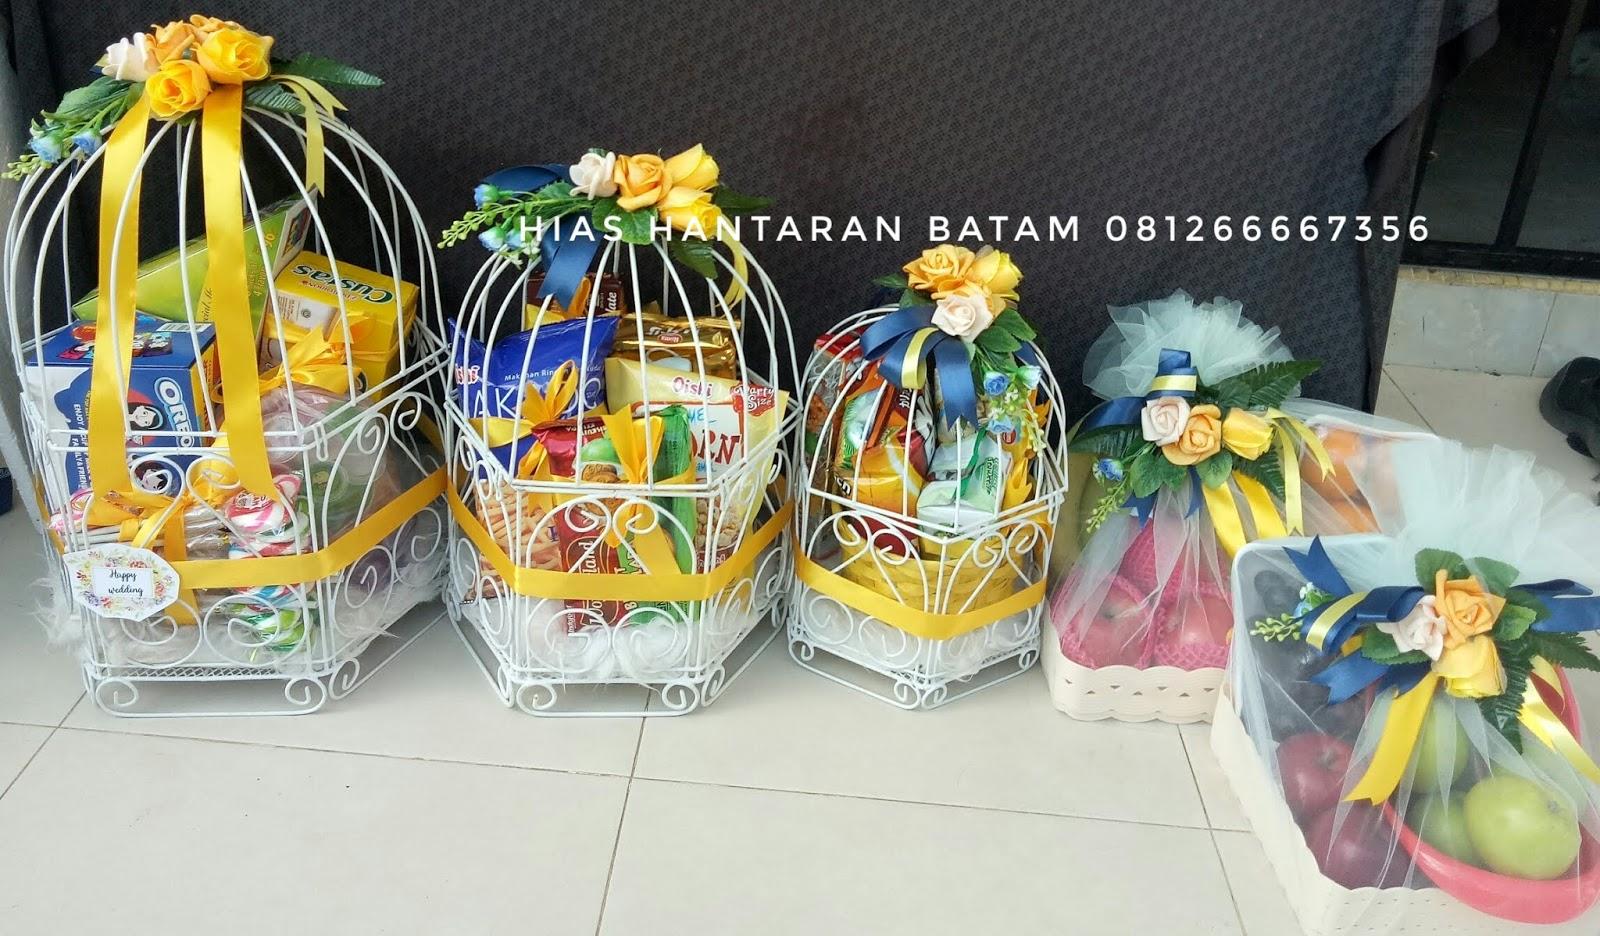 081266667356 Jasa Hias Parcel Seserahan Hantaran Di Batam